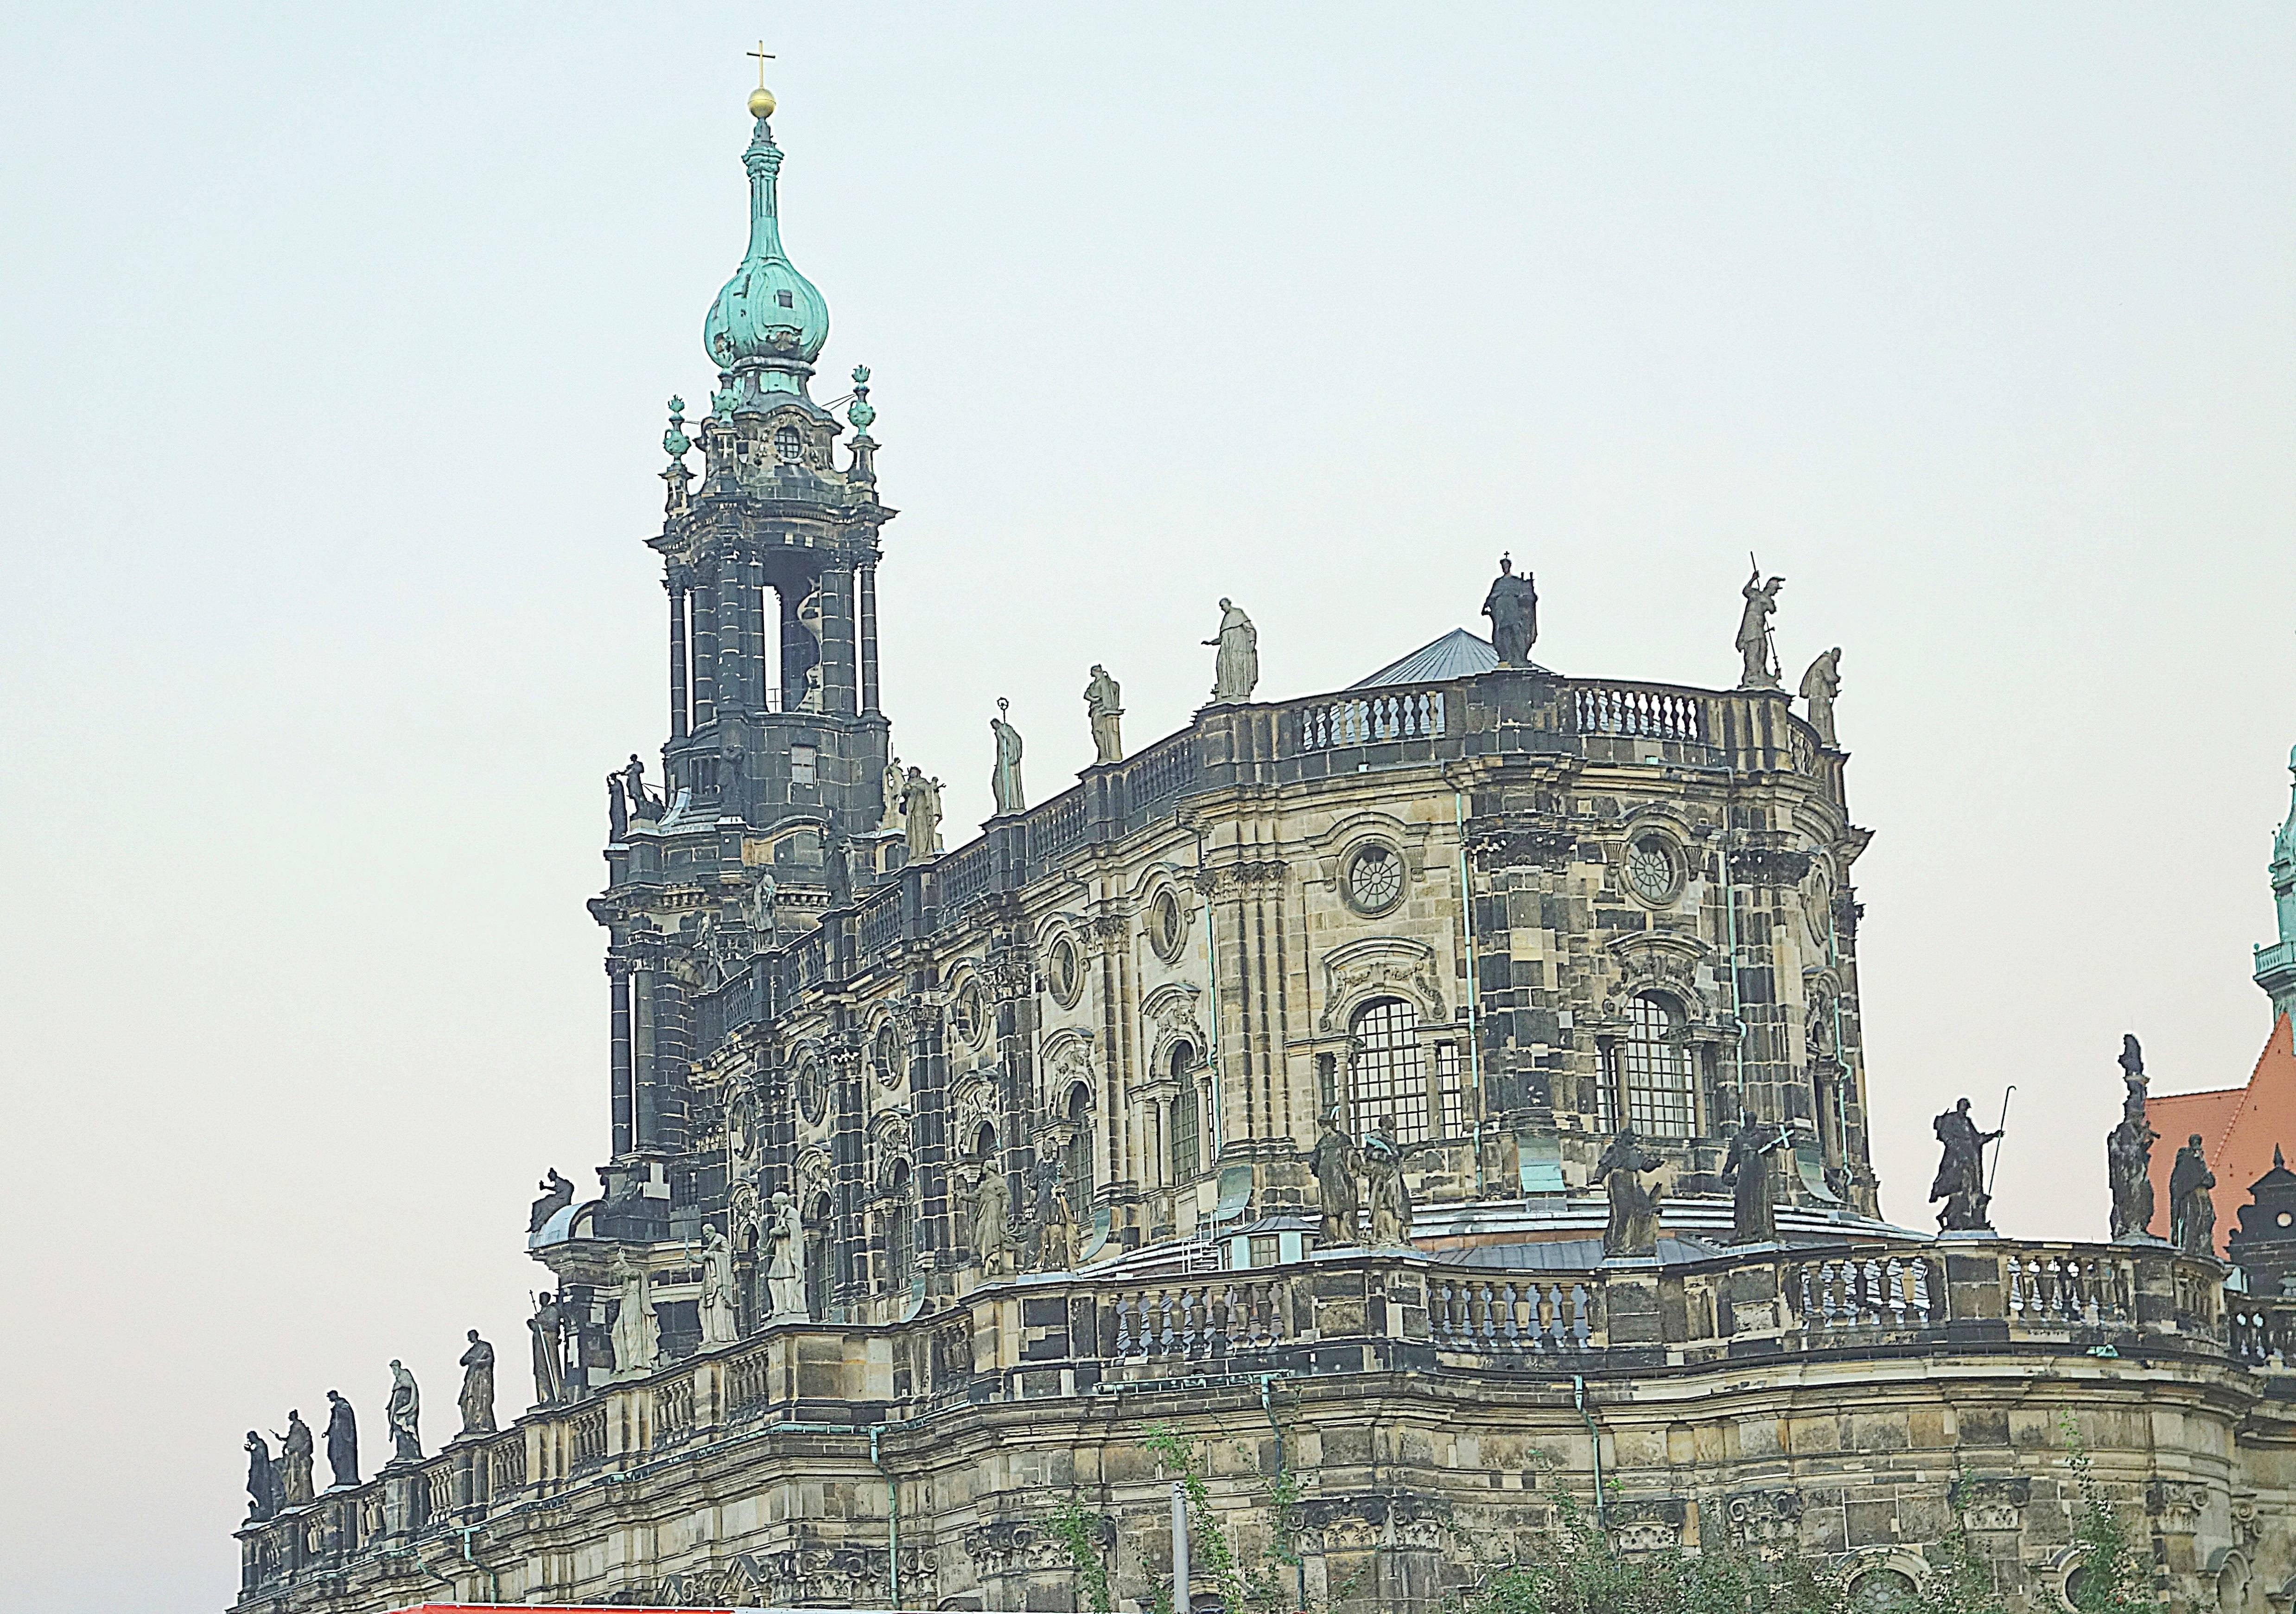 Реймский собор – архитектура и факты из истории готического храма во франции